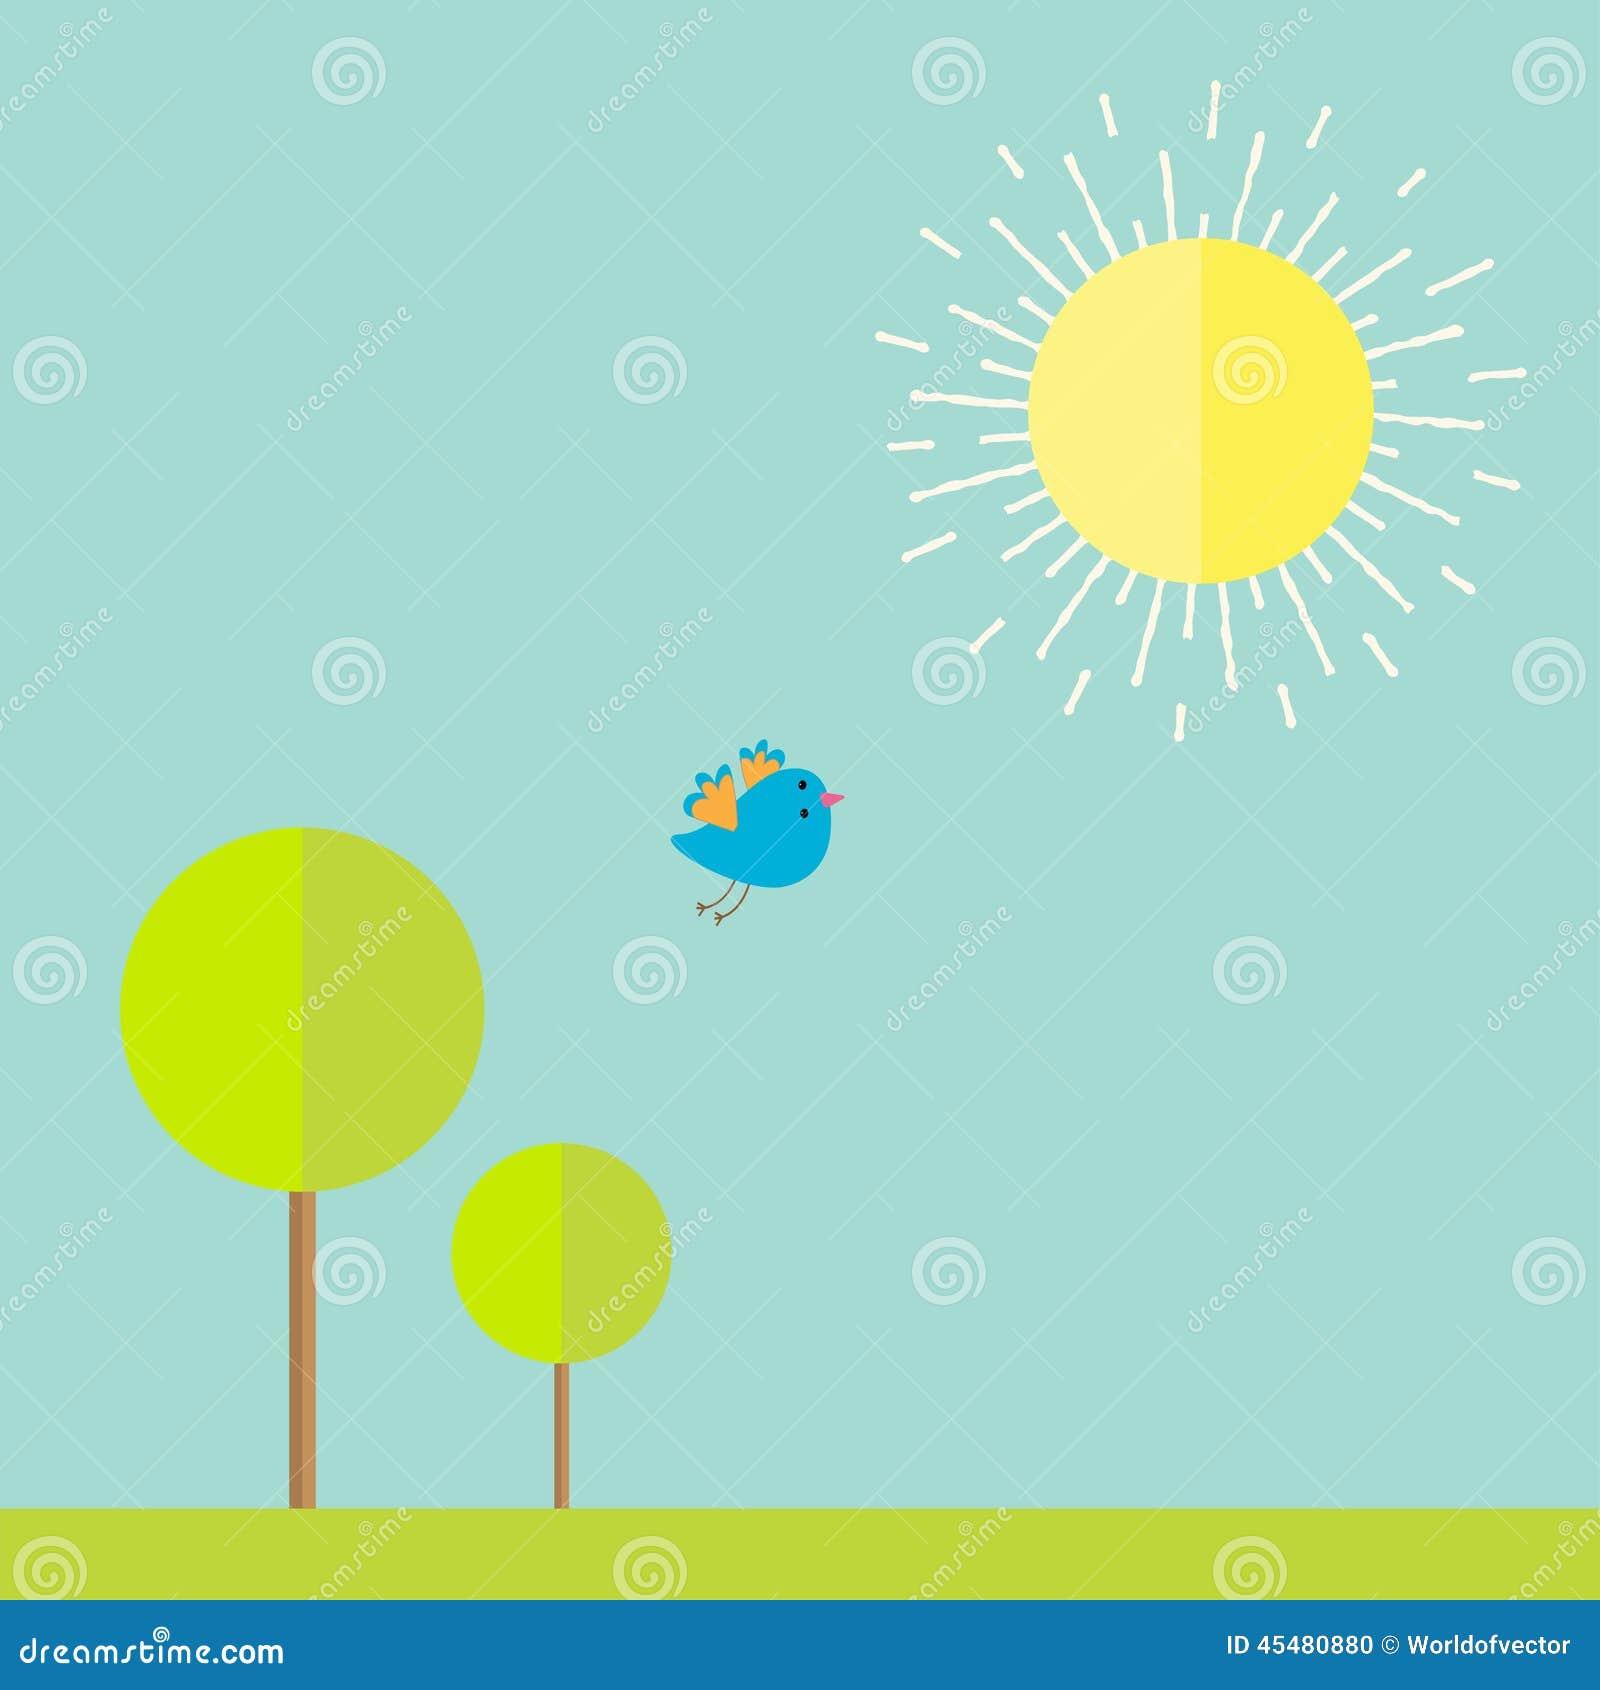 太阳,天空,树,草,鸟 在平的设计样式的夏天风景